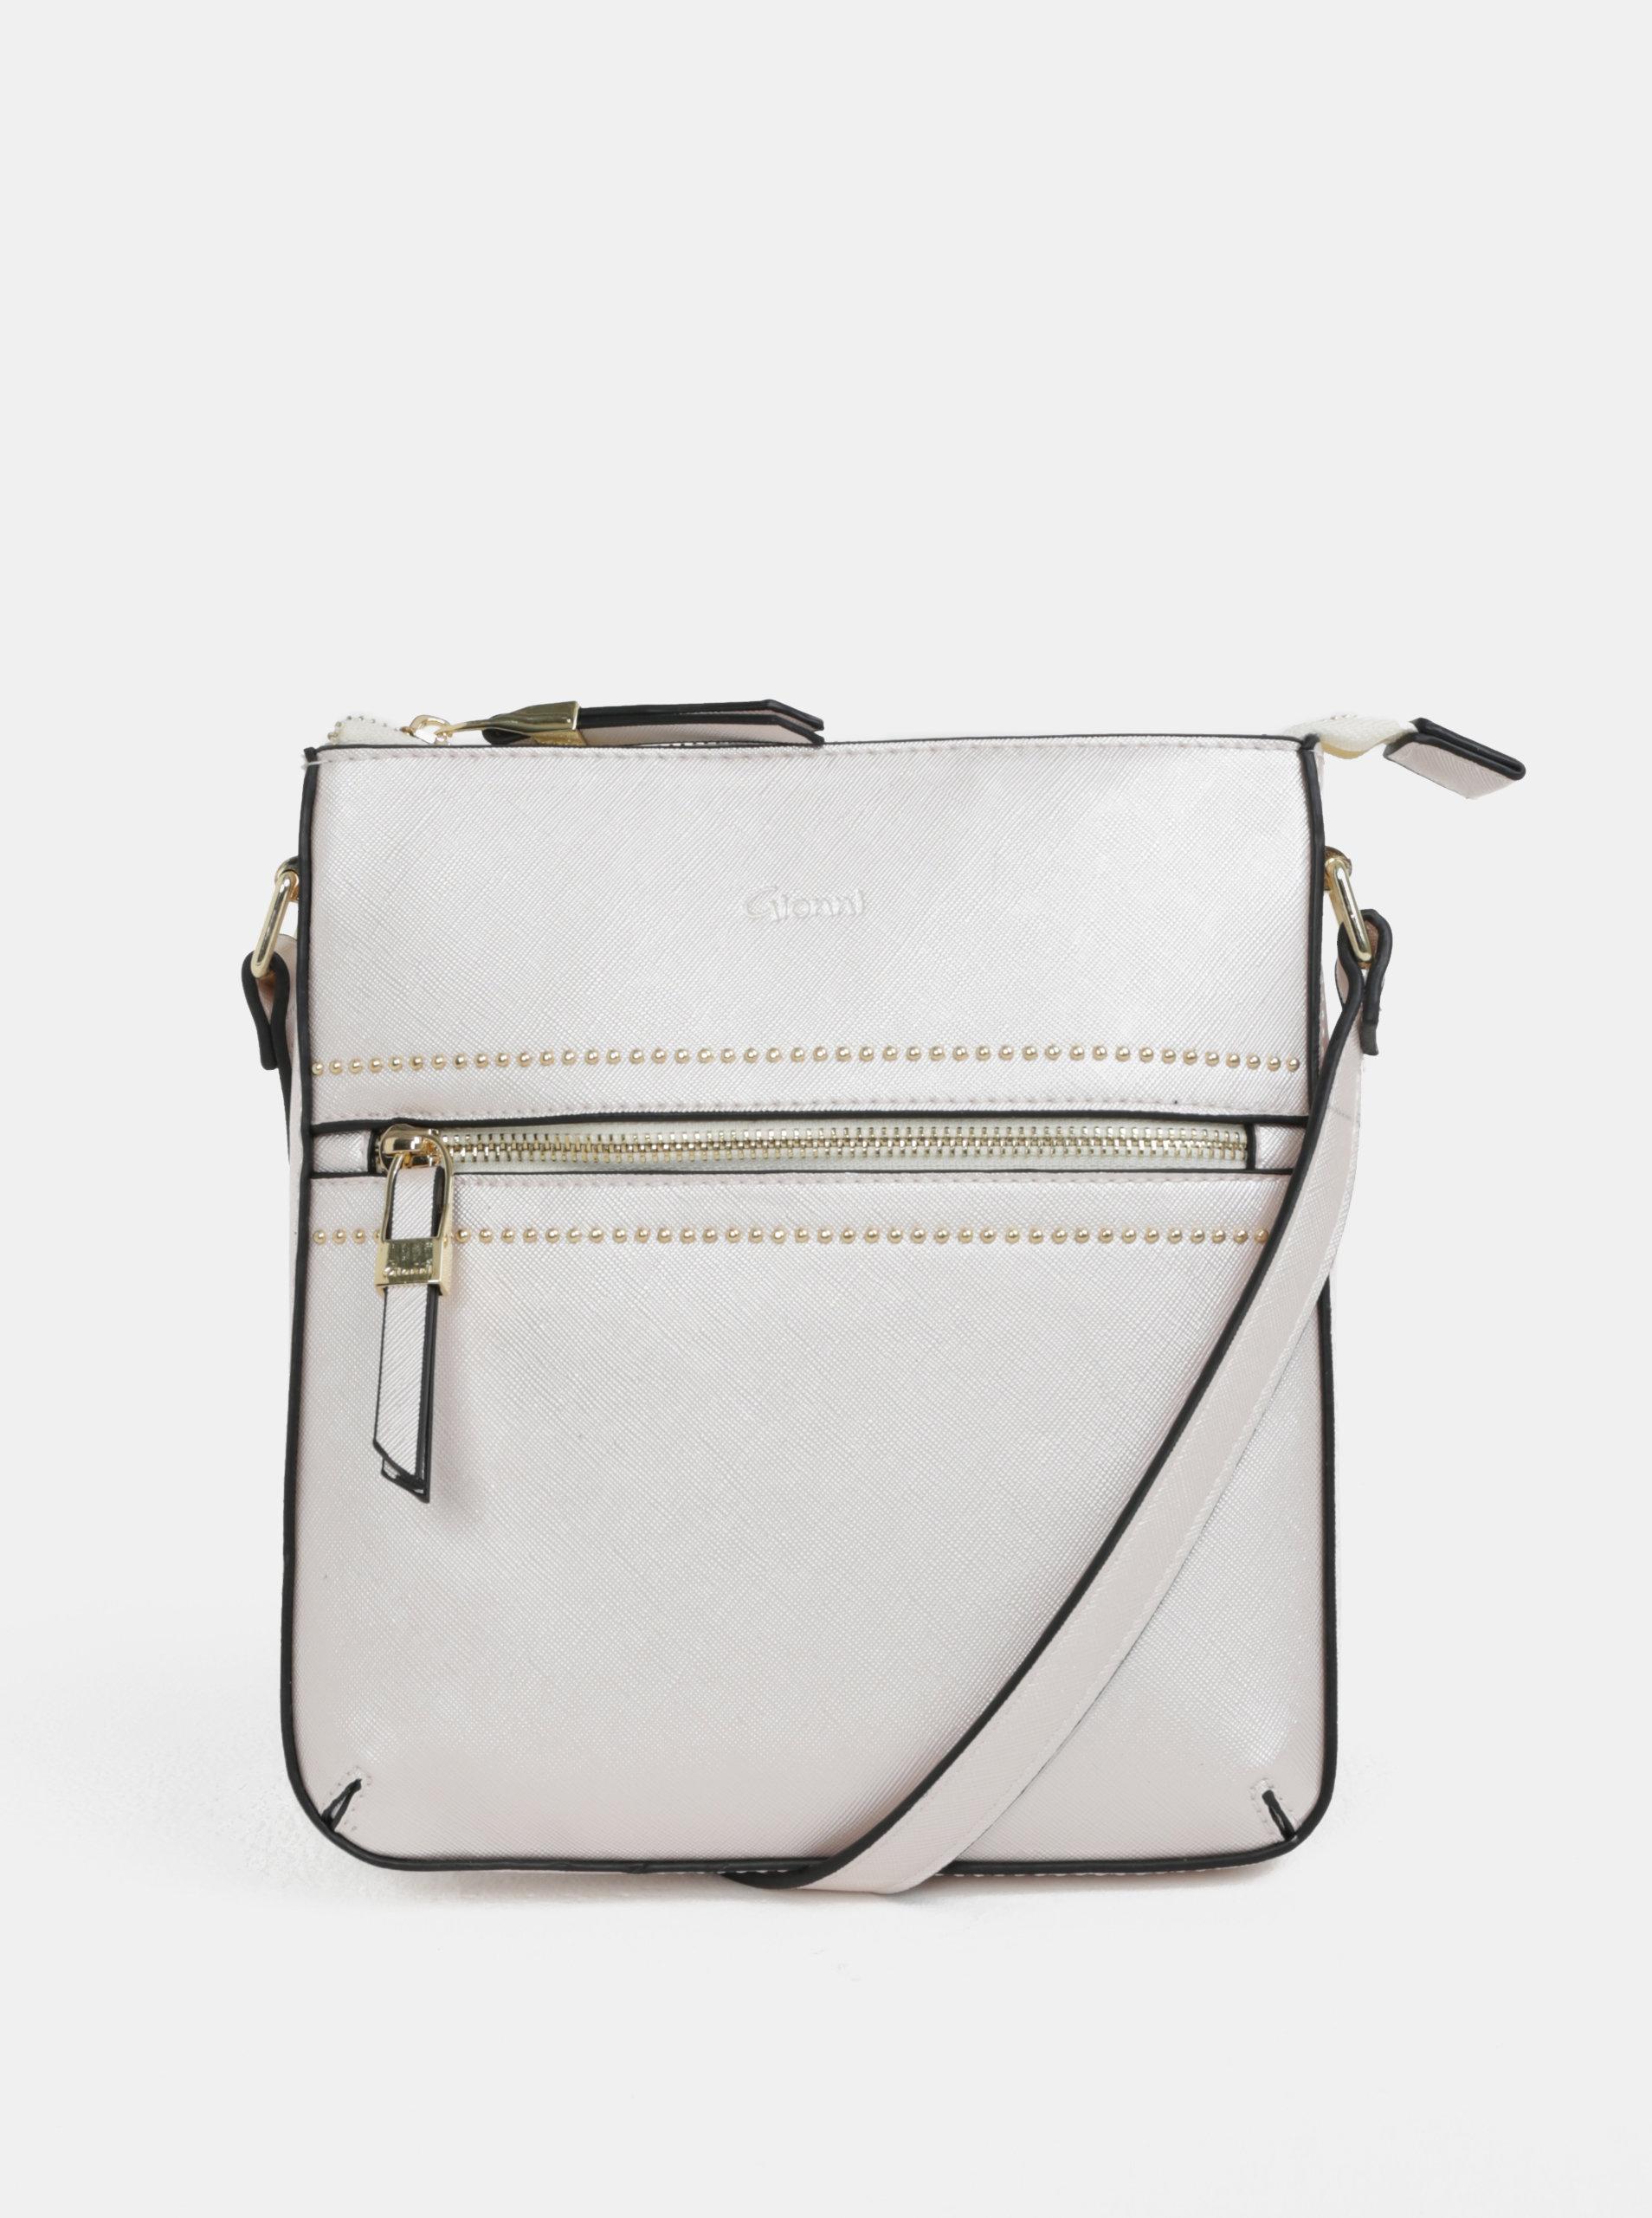 Krémová crossbody kabelka s detaily ve zlaté barvě Gionni Tessa ... 6a778032e1d